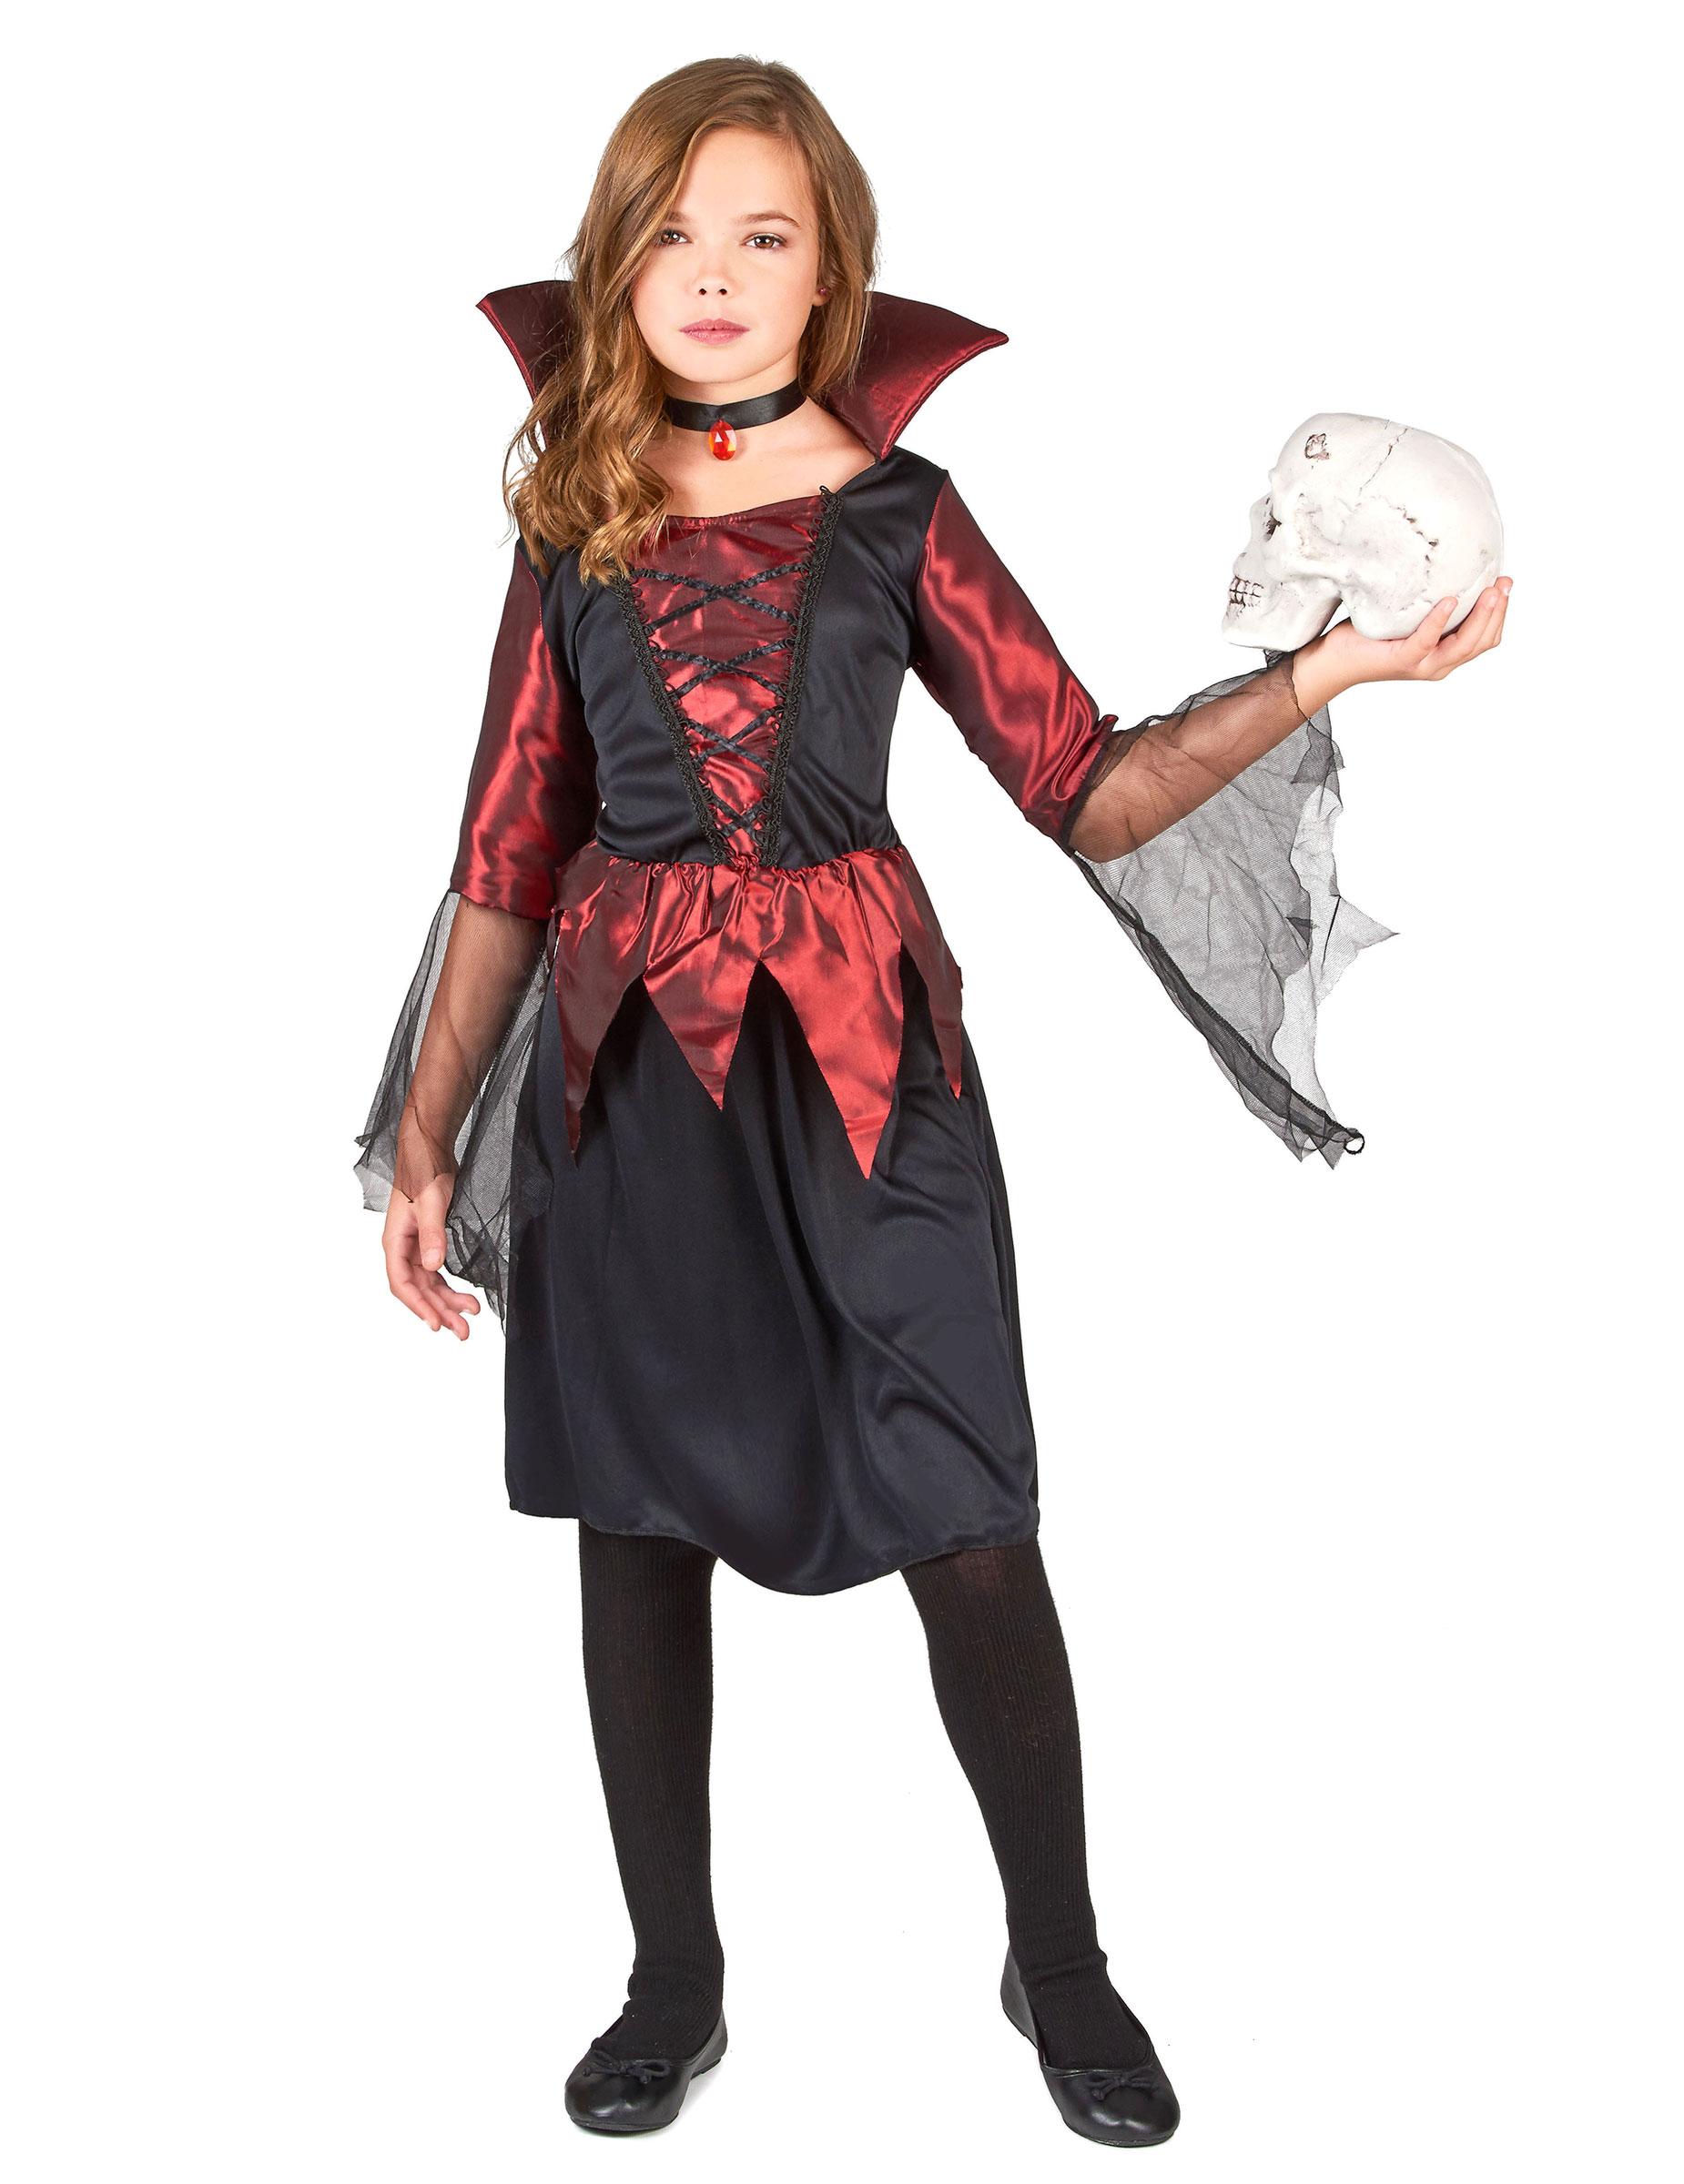 Costume vampiro della notte per bambina  Costumi bambini 21b4a2264577